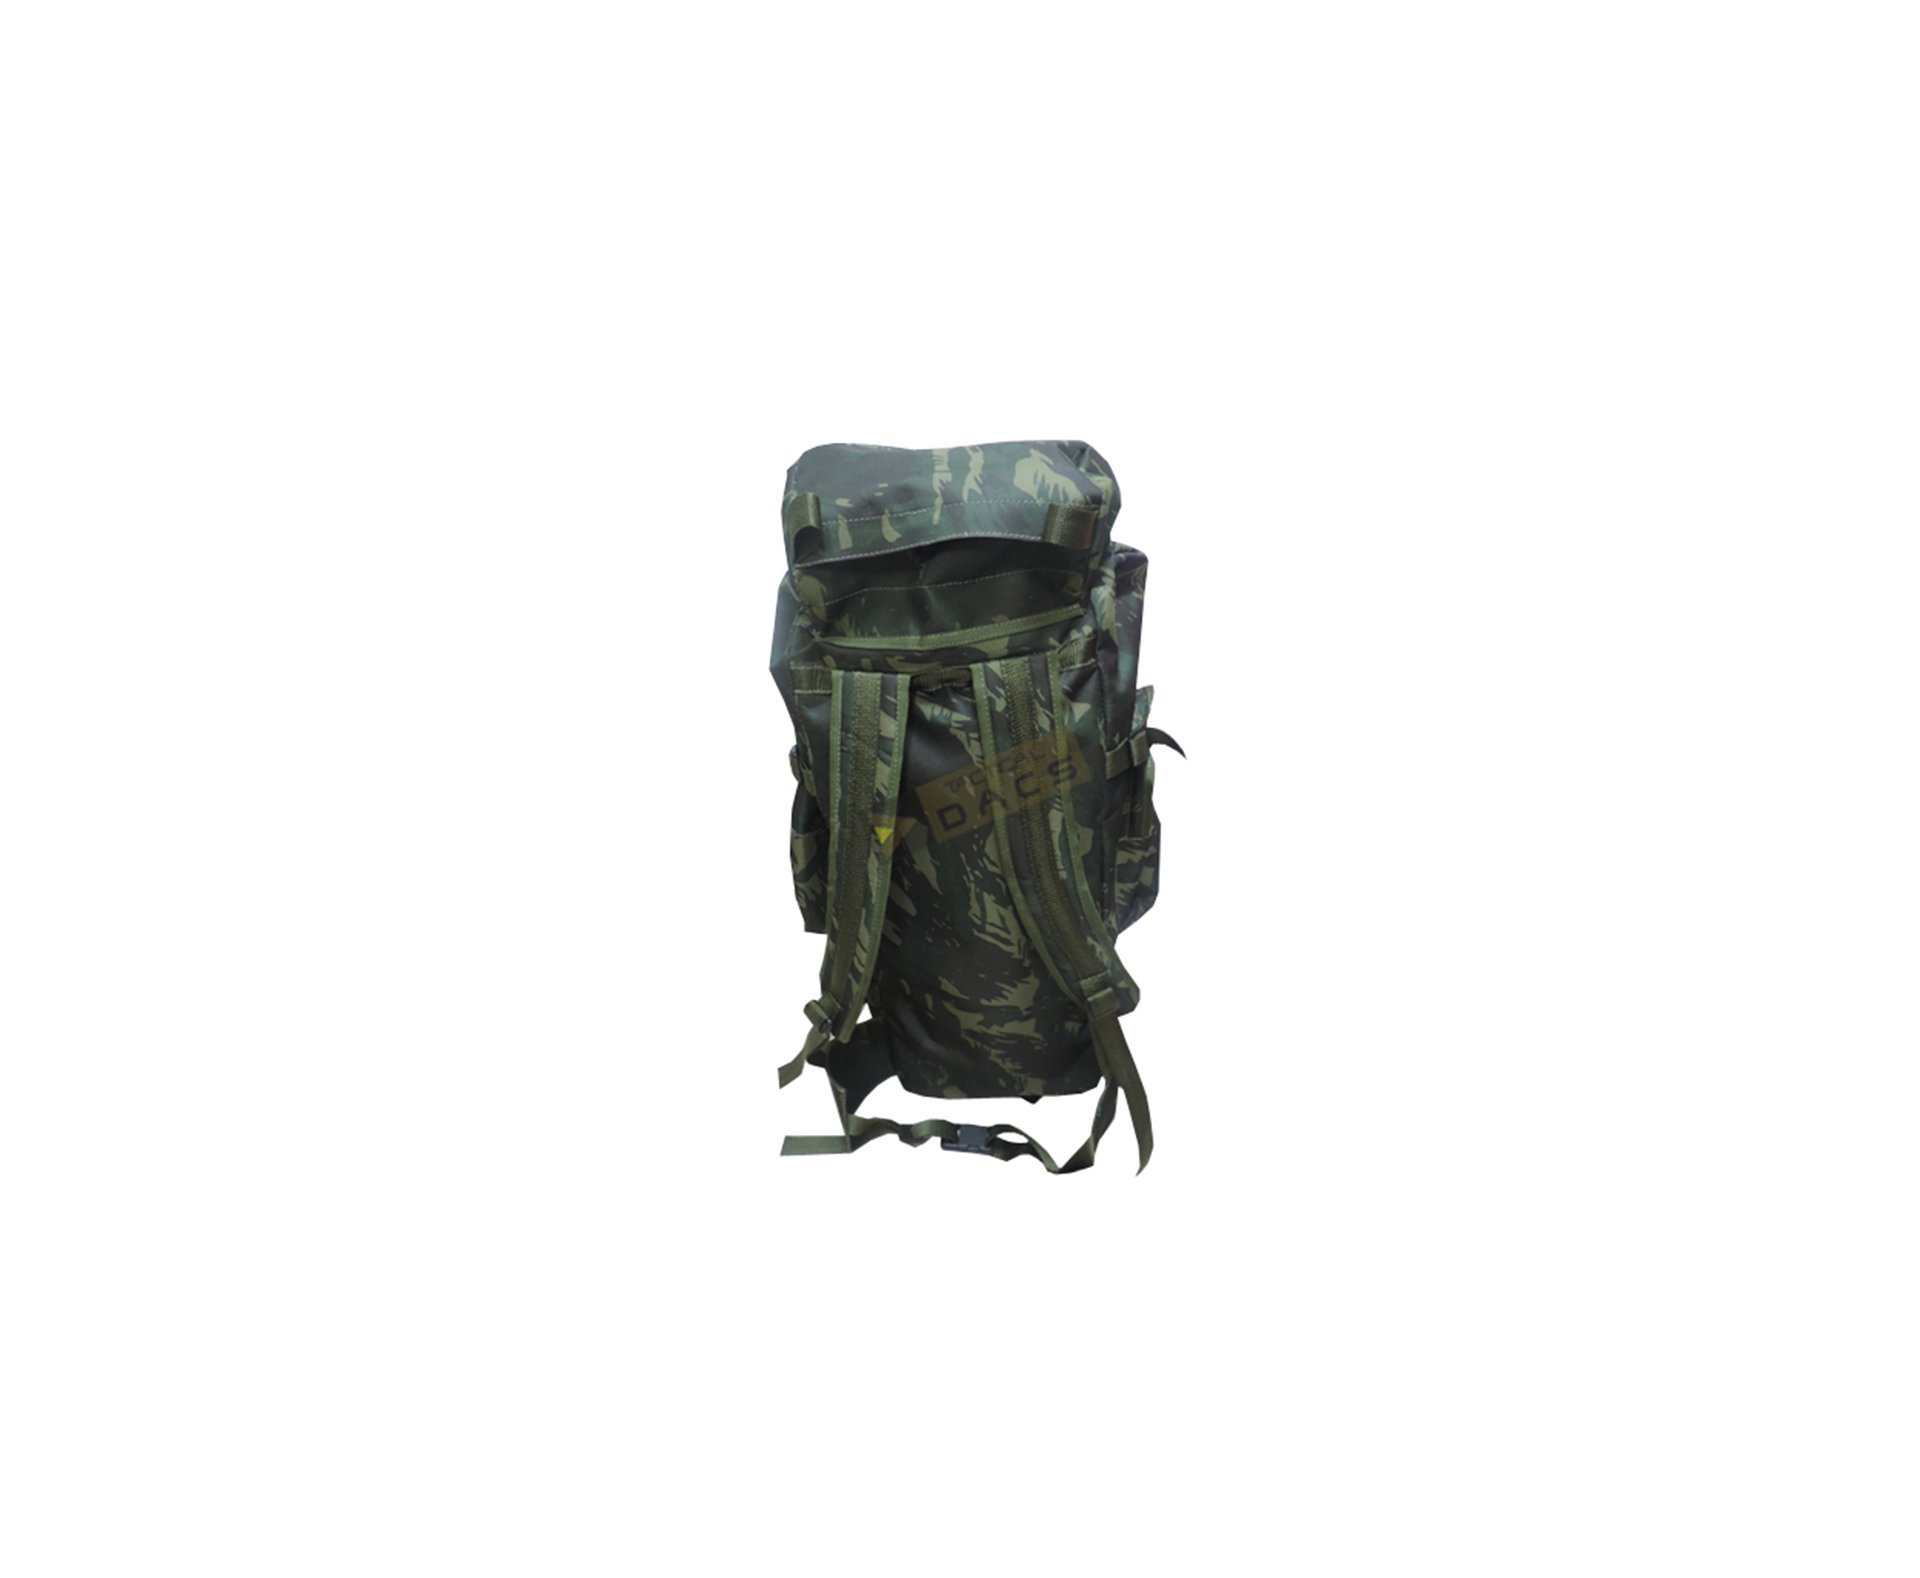 Mochilão Em Nylon Camuflado - Dacs